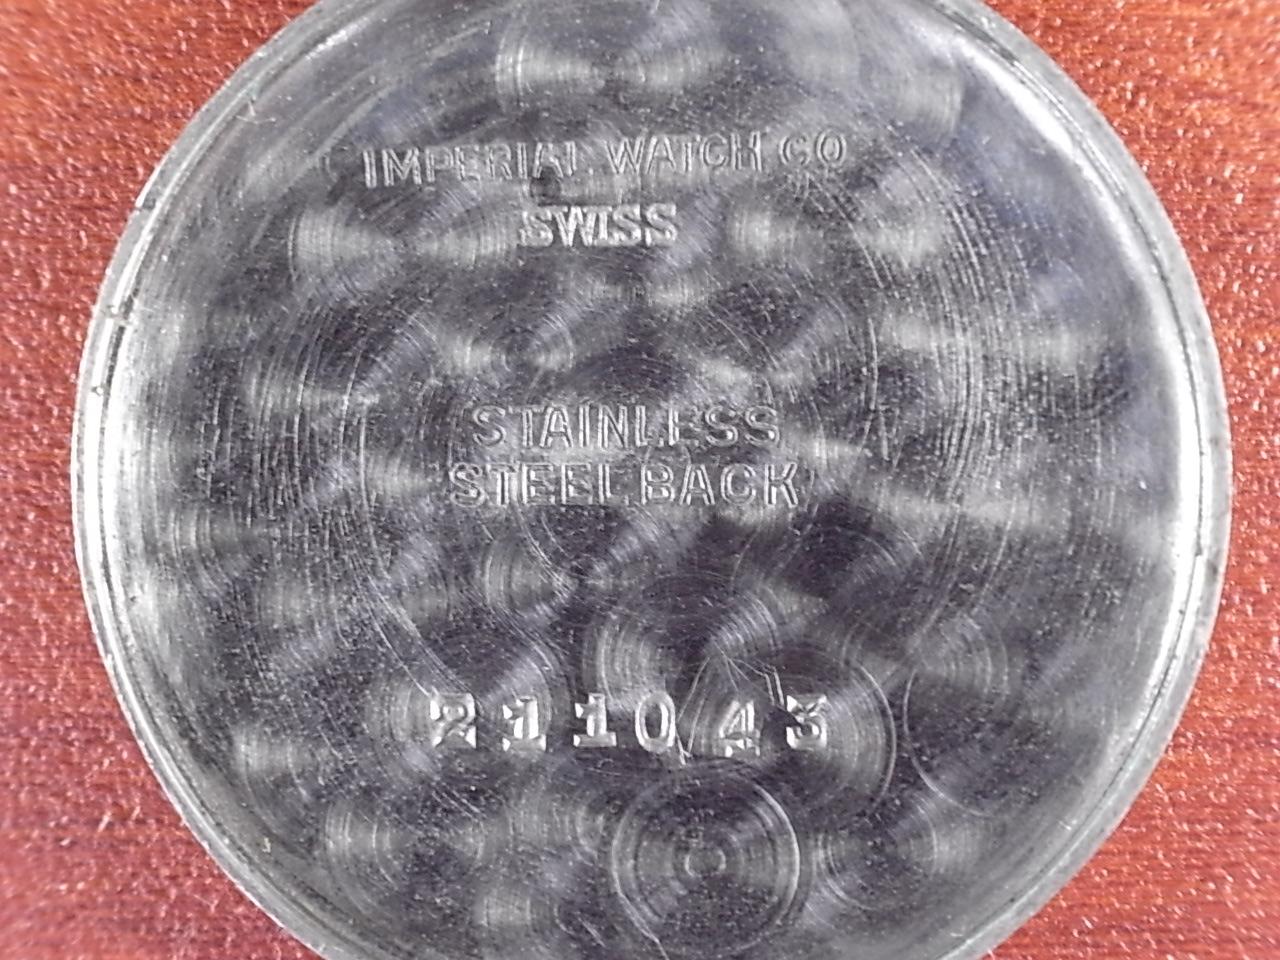 インペリアル レディース アールデコ シリンダーケース 1940年代の写真6枚目